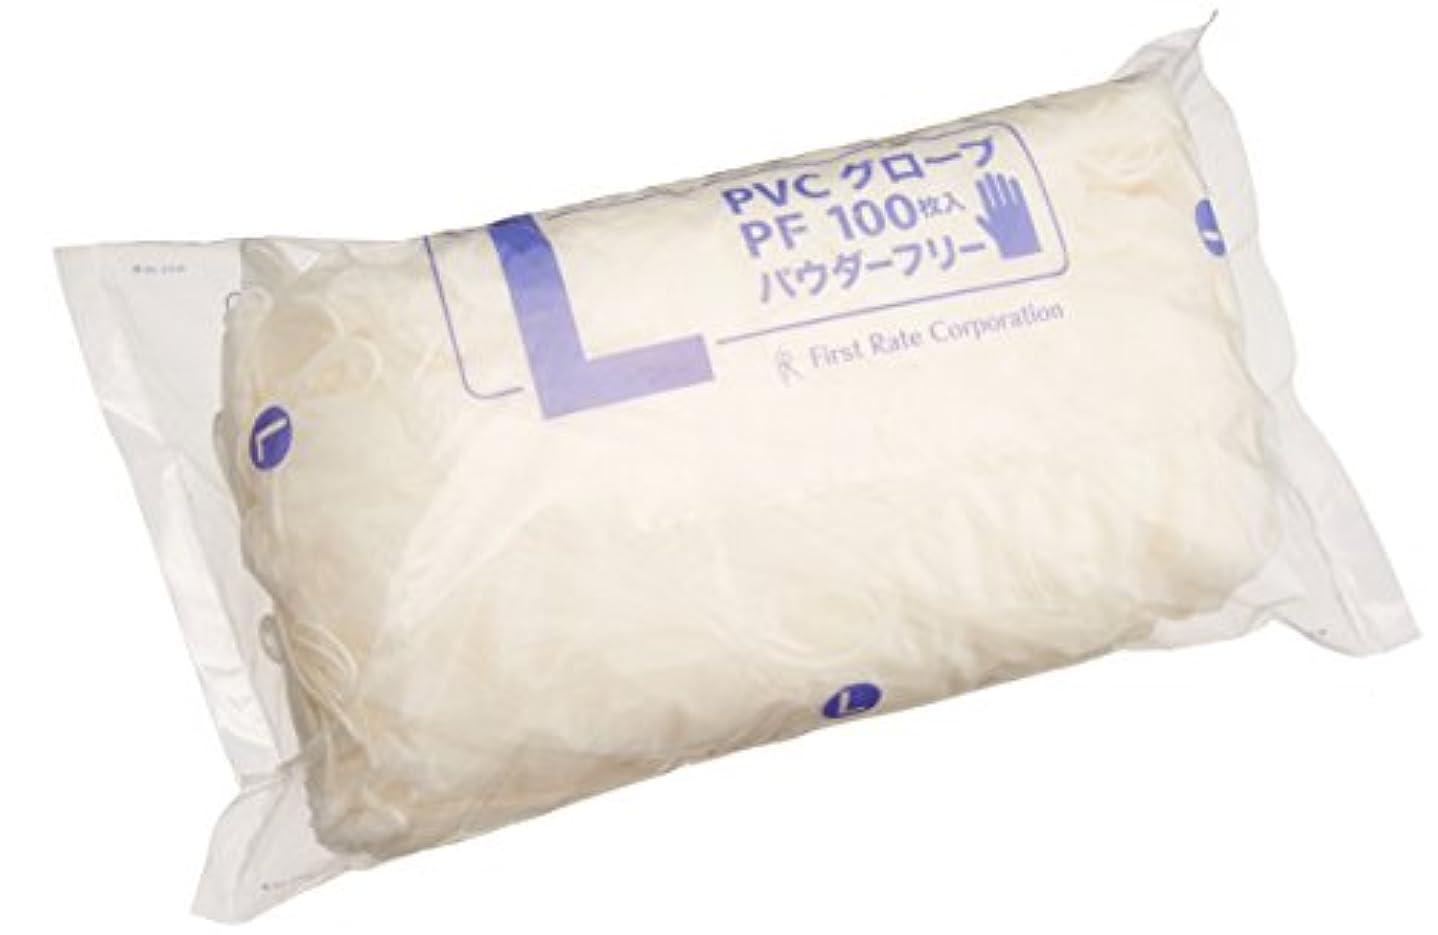 良心資源本部ファーストレイト PVCグローブ PF(ポリバック仕様 FR-928(L)100マイイリ